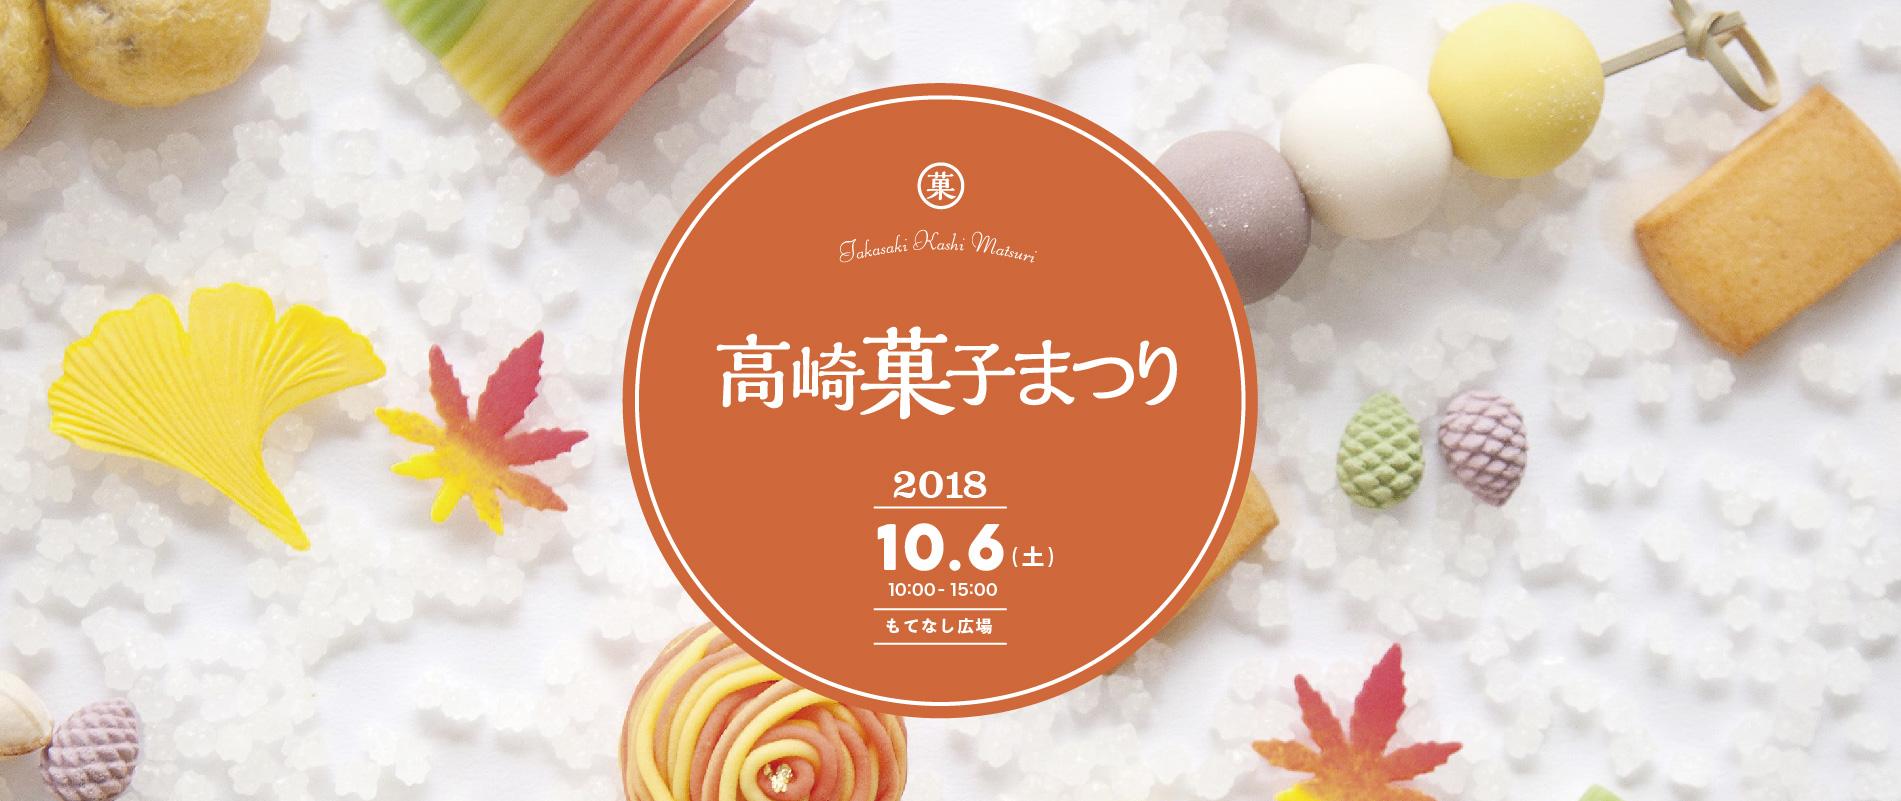 高崎菓子まつりイメージ画像